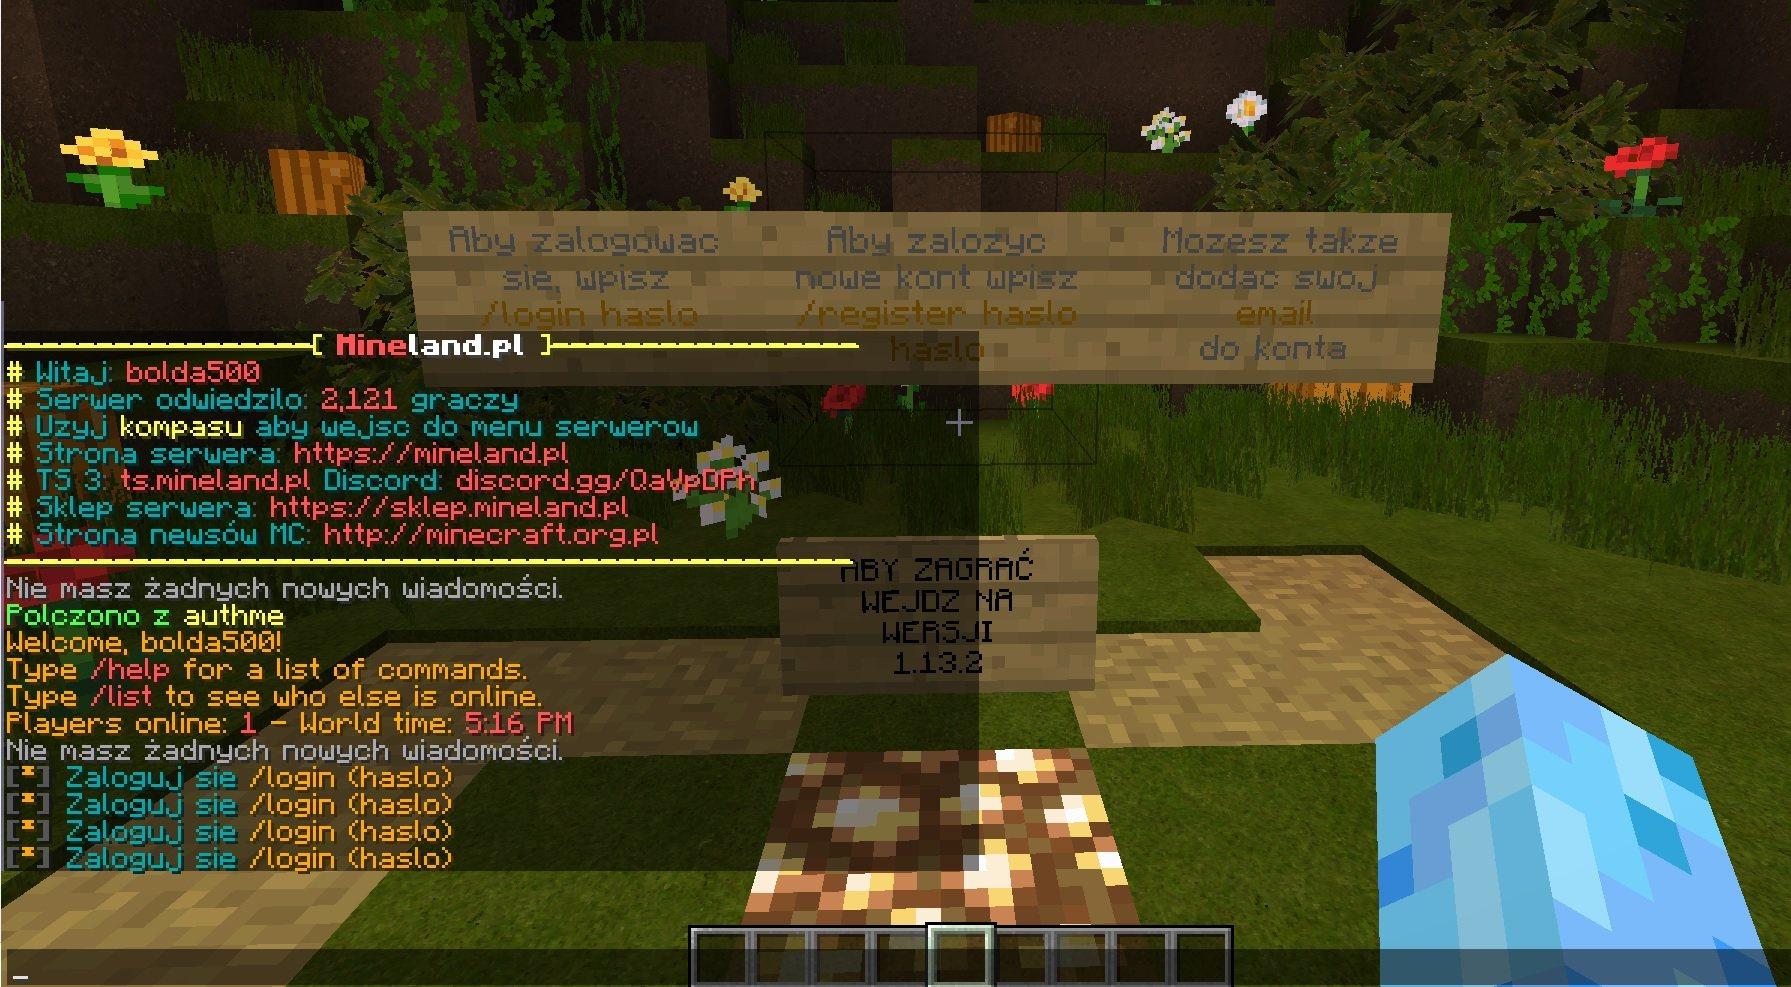 logowanie na serwerze minecraft przy pomocy authme